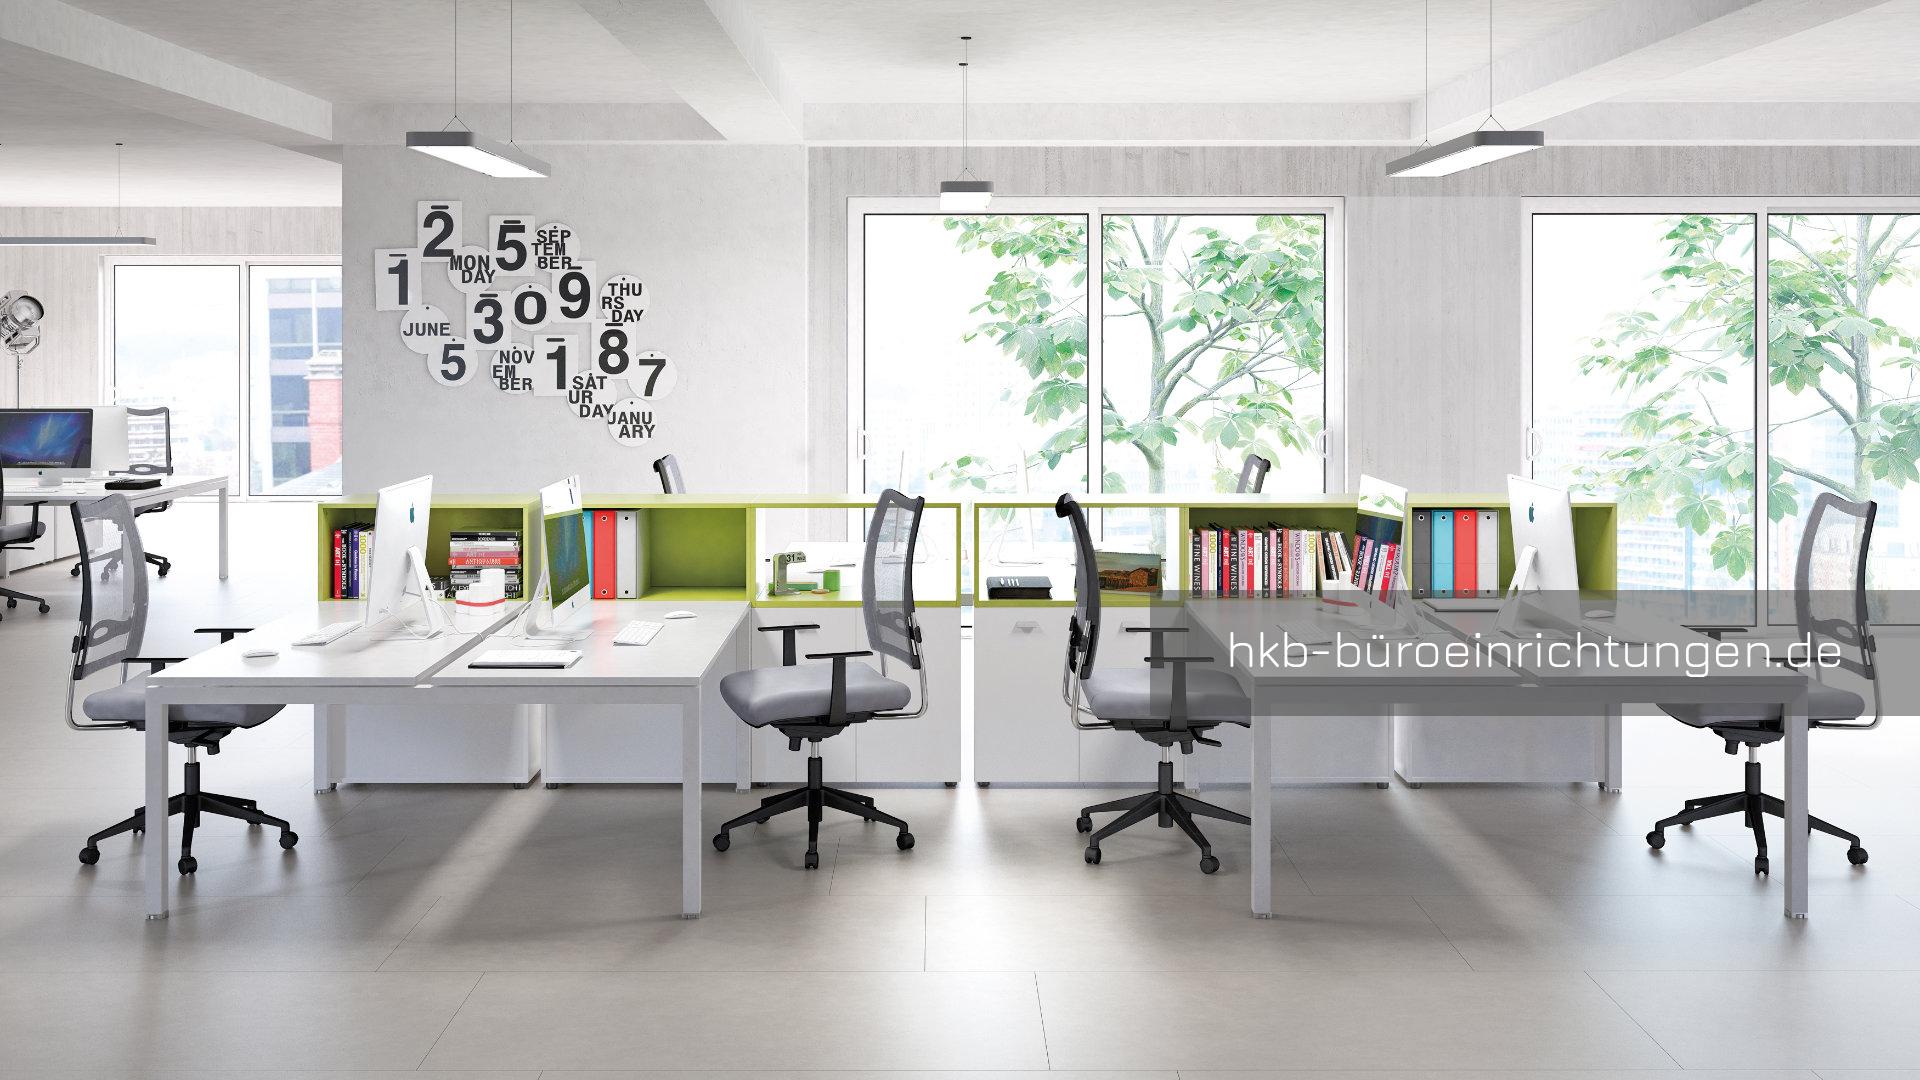 büromöbel frankfurt - günstige büromöbel